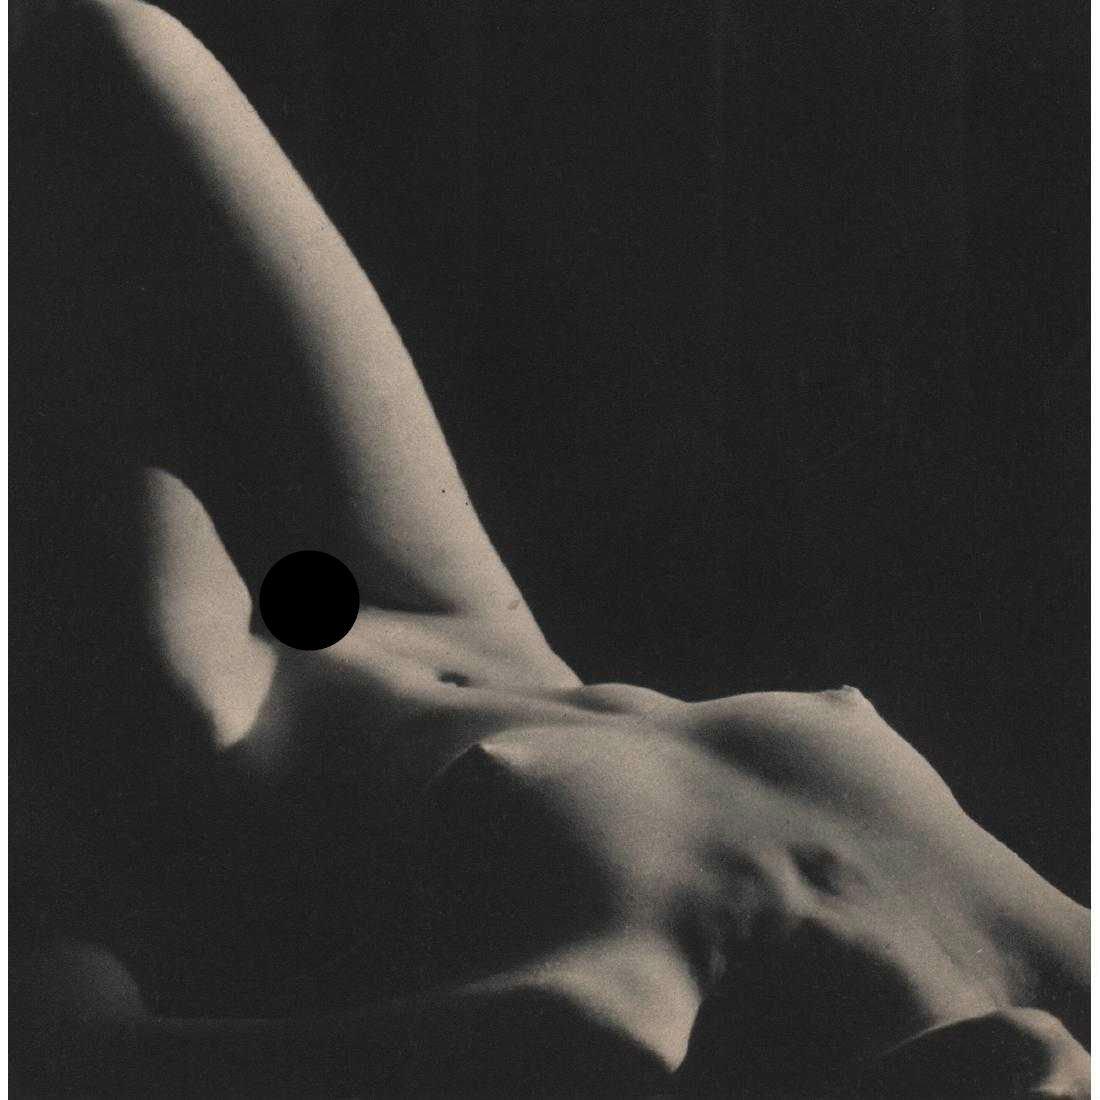 PINCUS RICE - Nude